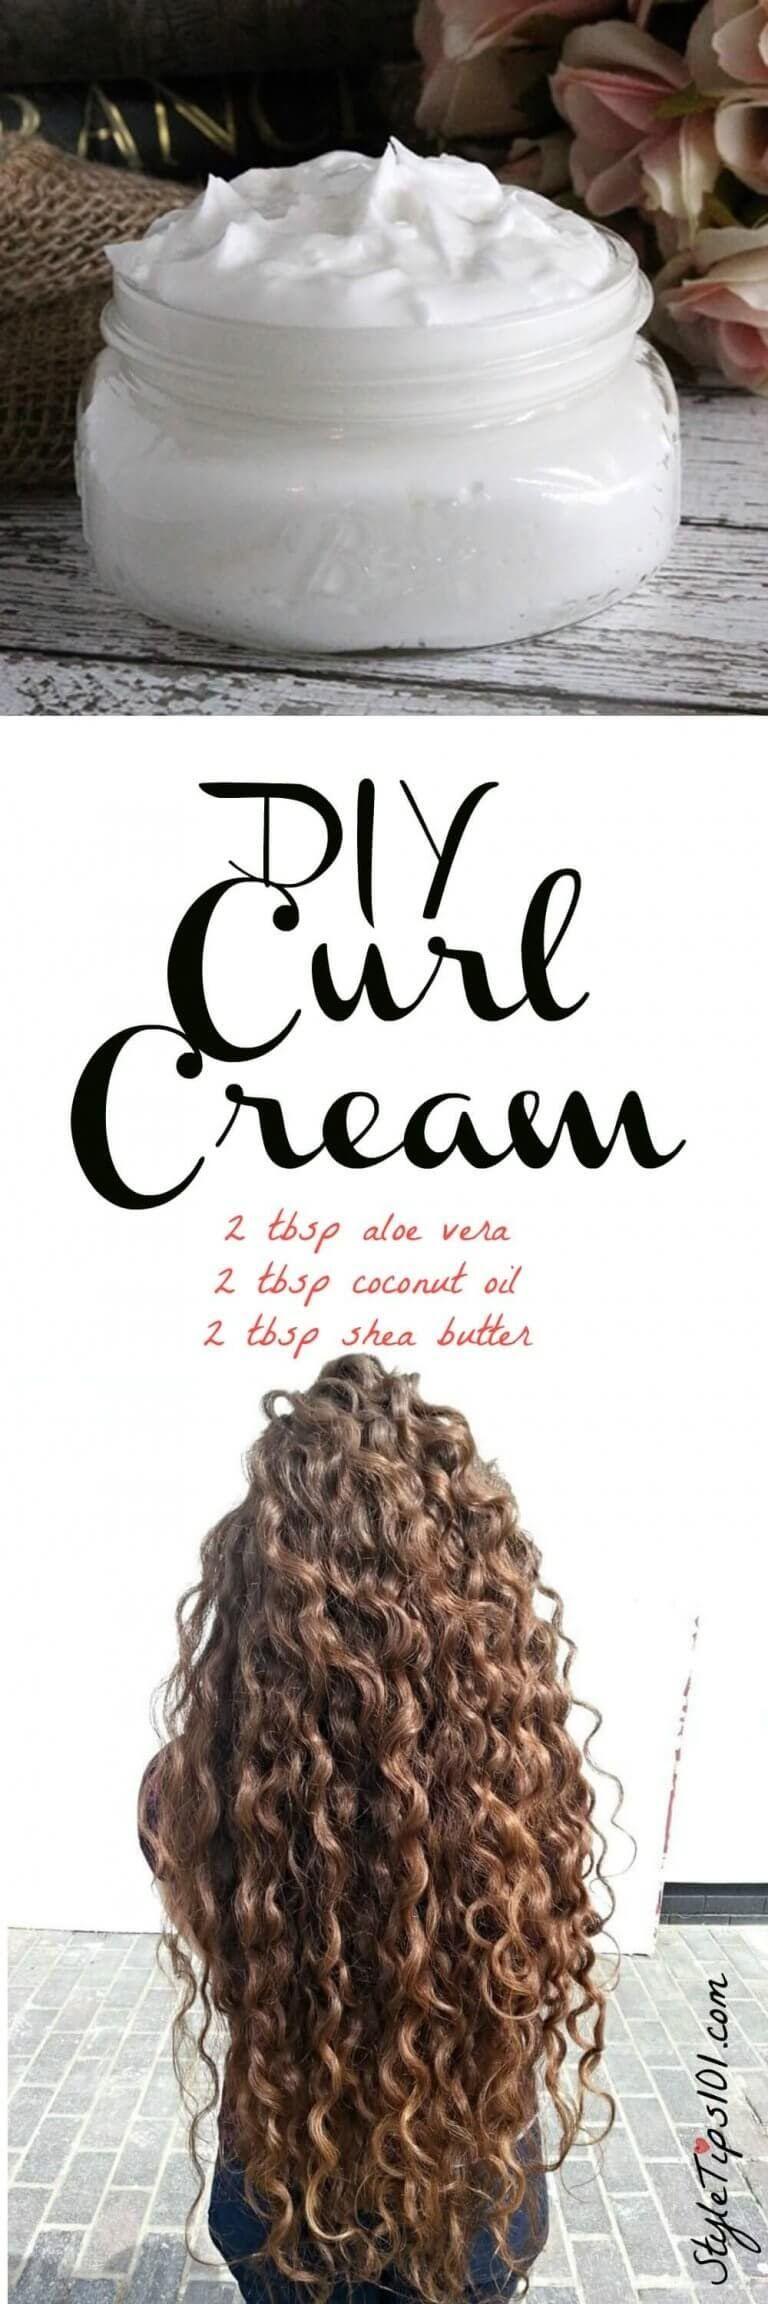 9 Curly Hair Ideen   haare pflegen, natürliche frisuren, lockenpflege